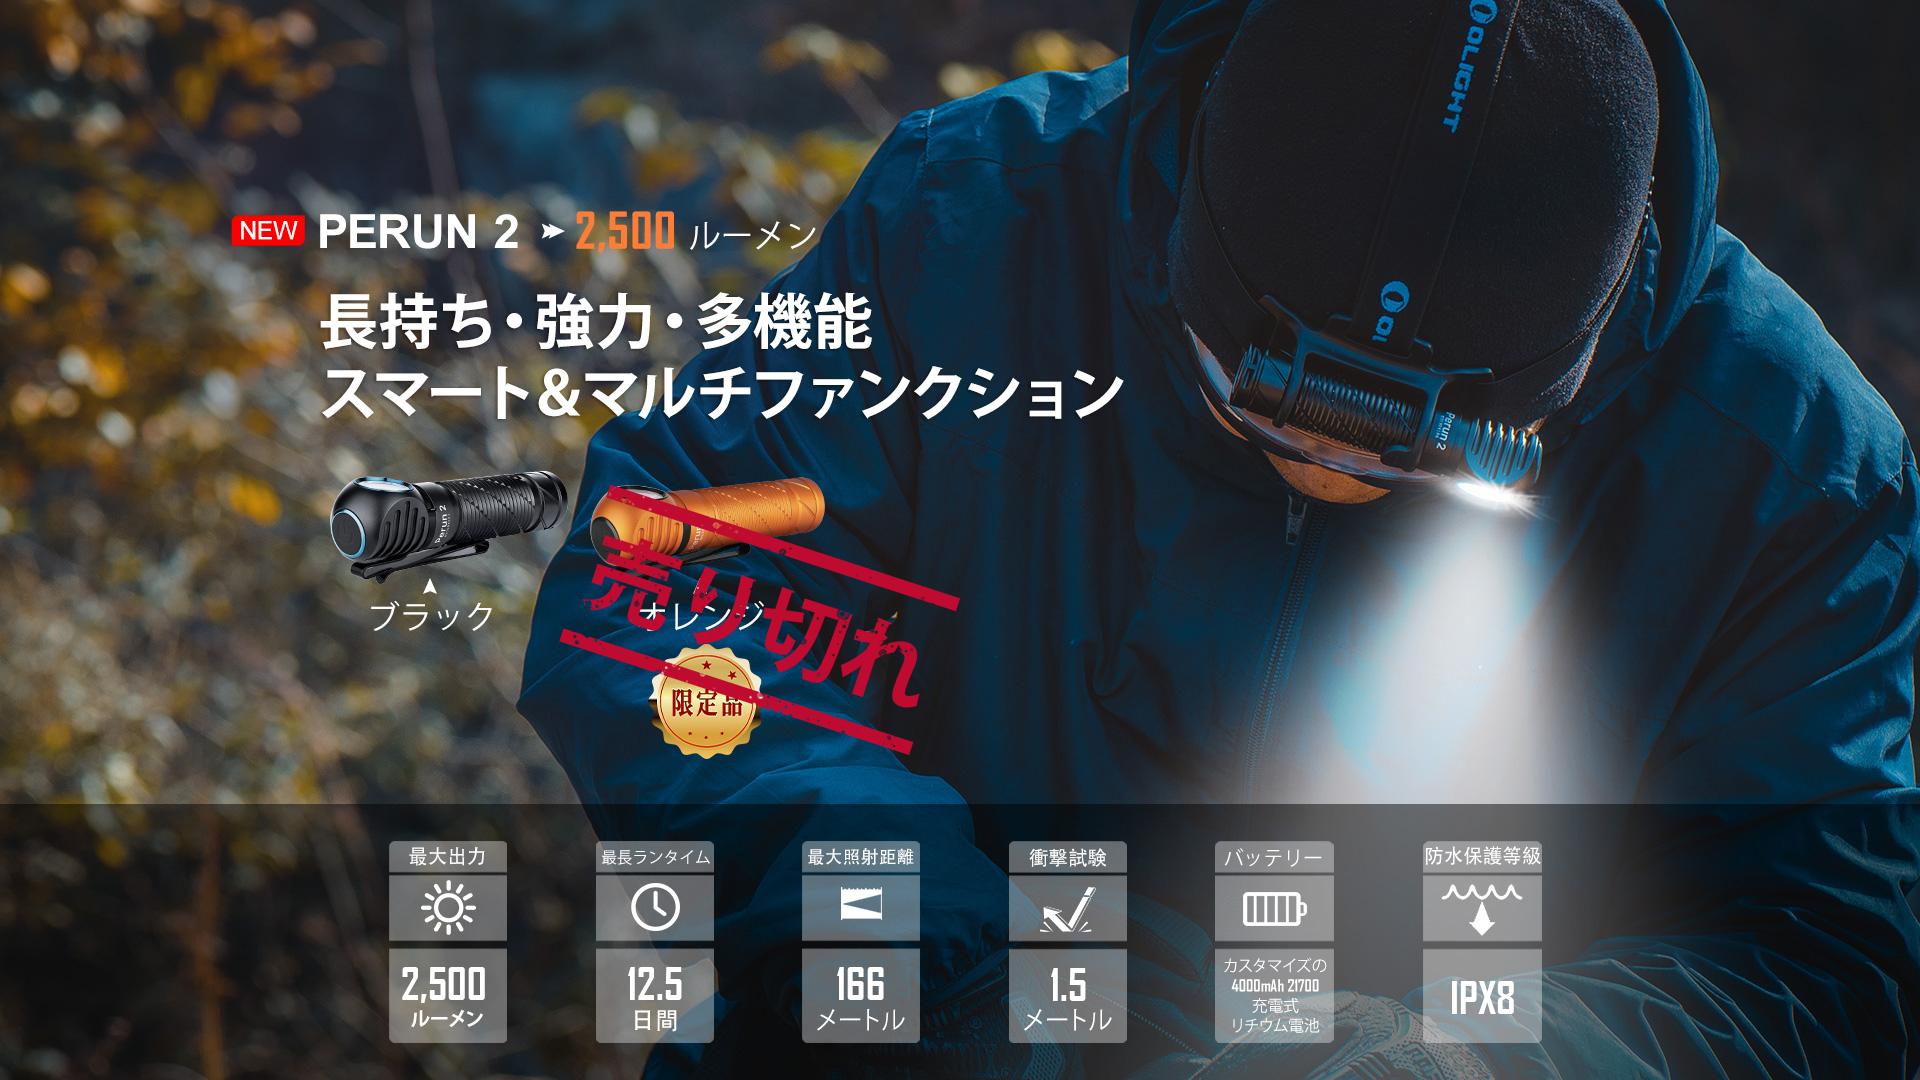 perun 2は、分解可能な多機能ヘッドランプ懐中電灯で、仕事、釣り、登山などのアクティビティに適しています。